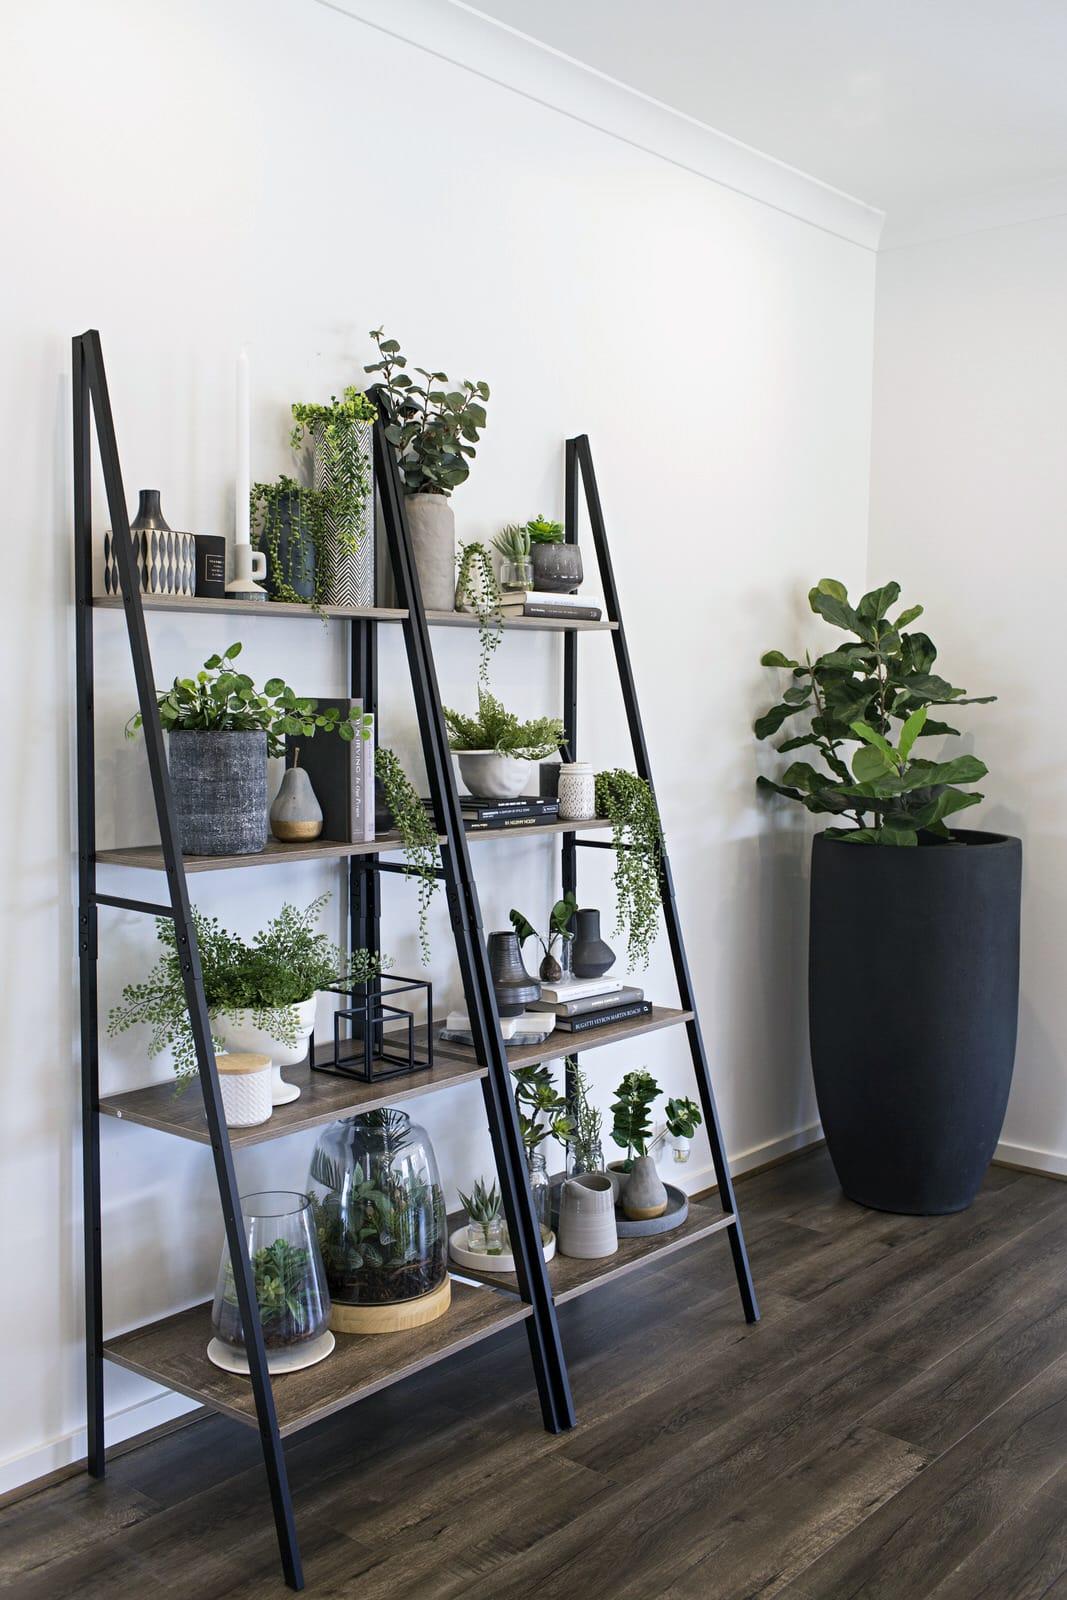 kmart industrial ladder shelf indoor vertical garden ideas